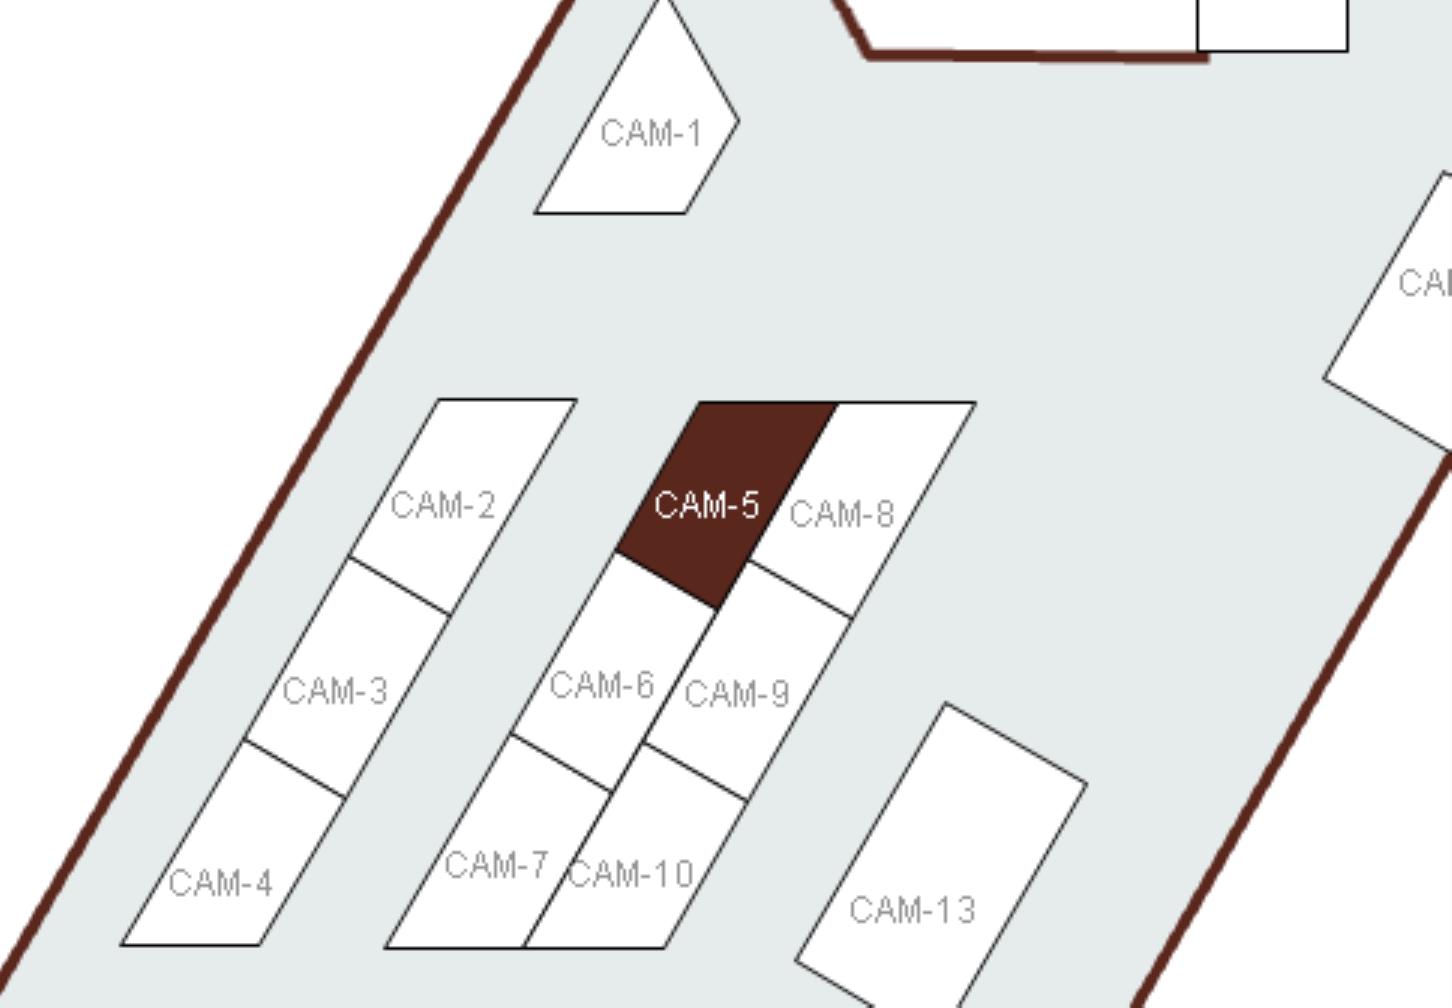 FOYWEST / CAM-5